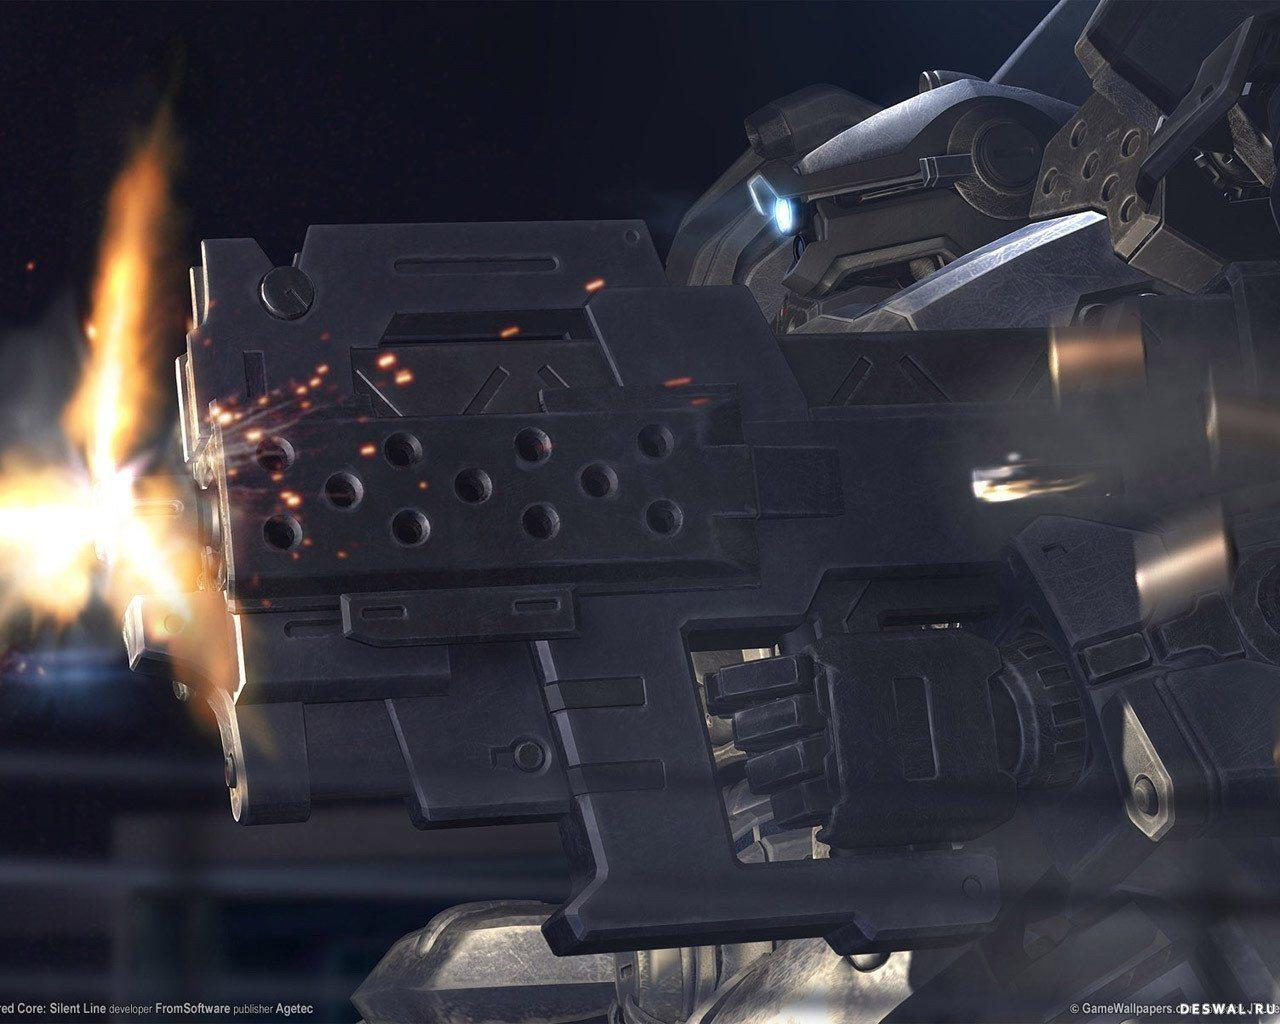 Фото 11.. Нажмите на картинку с компьютерной игрой, чтобы просмотреть ее в реальном размере